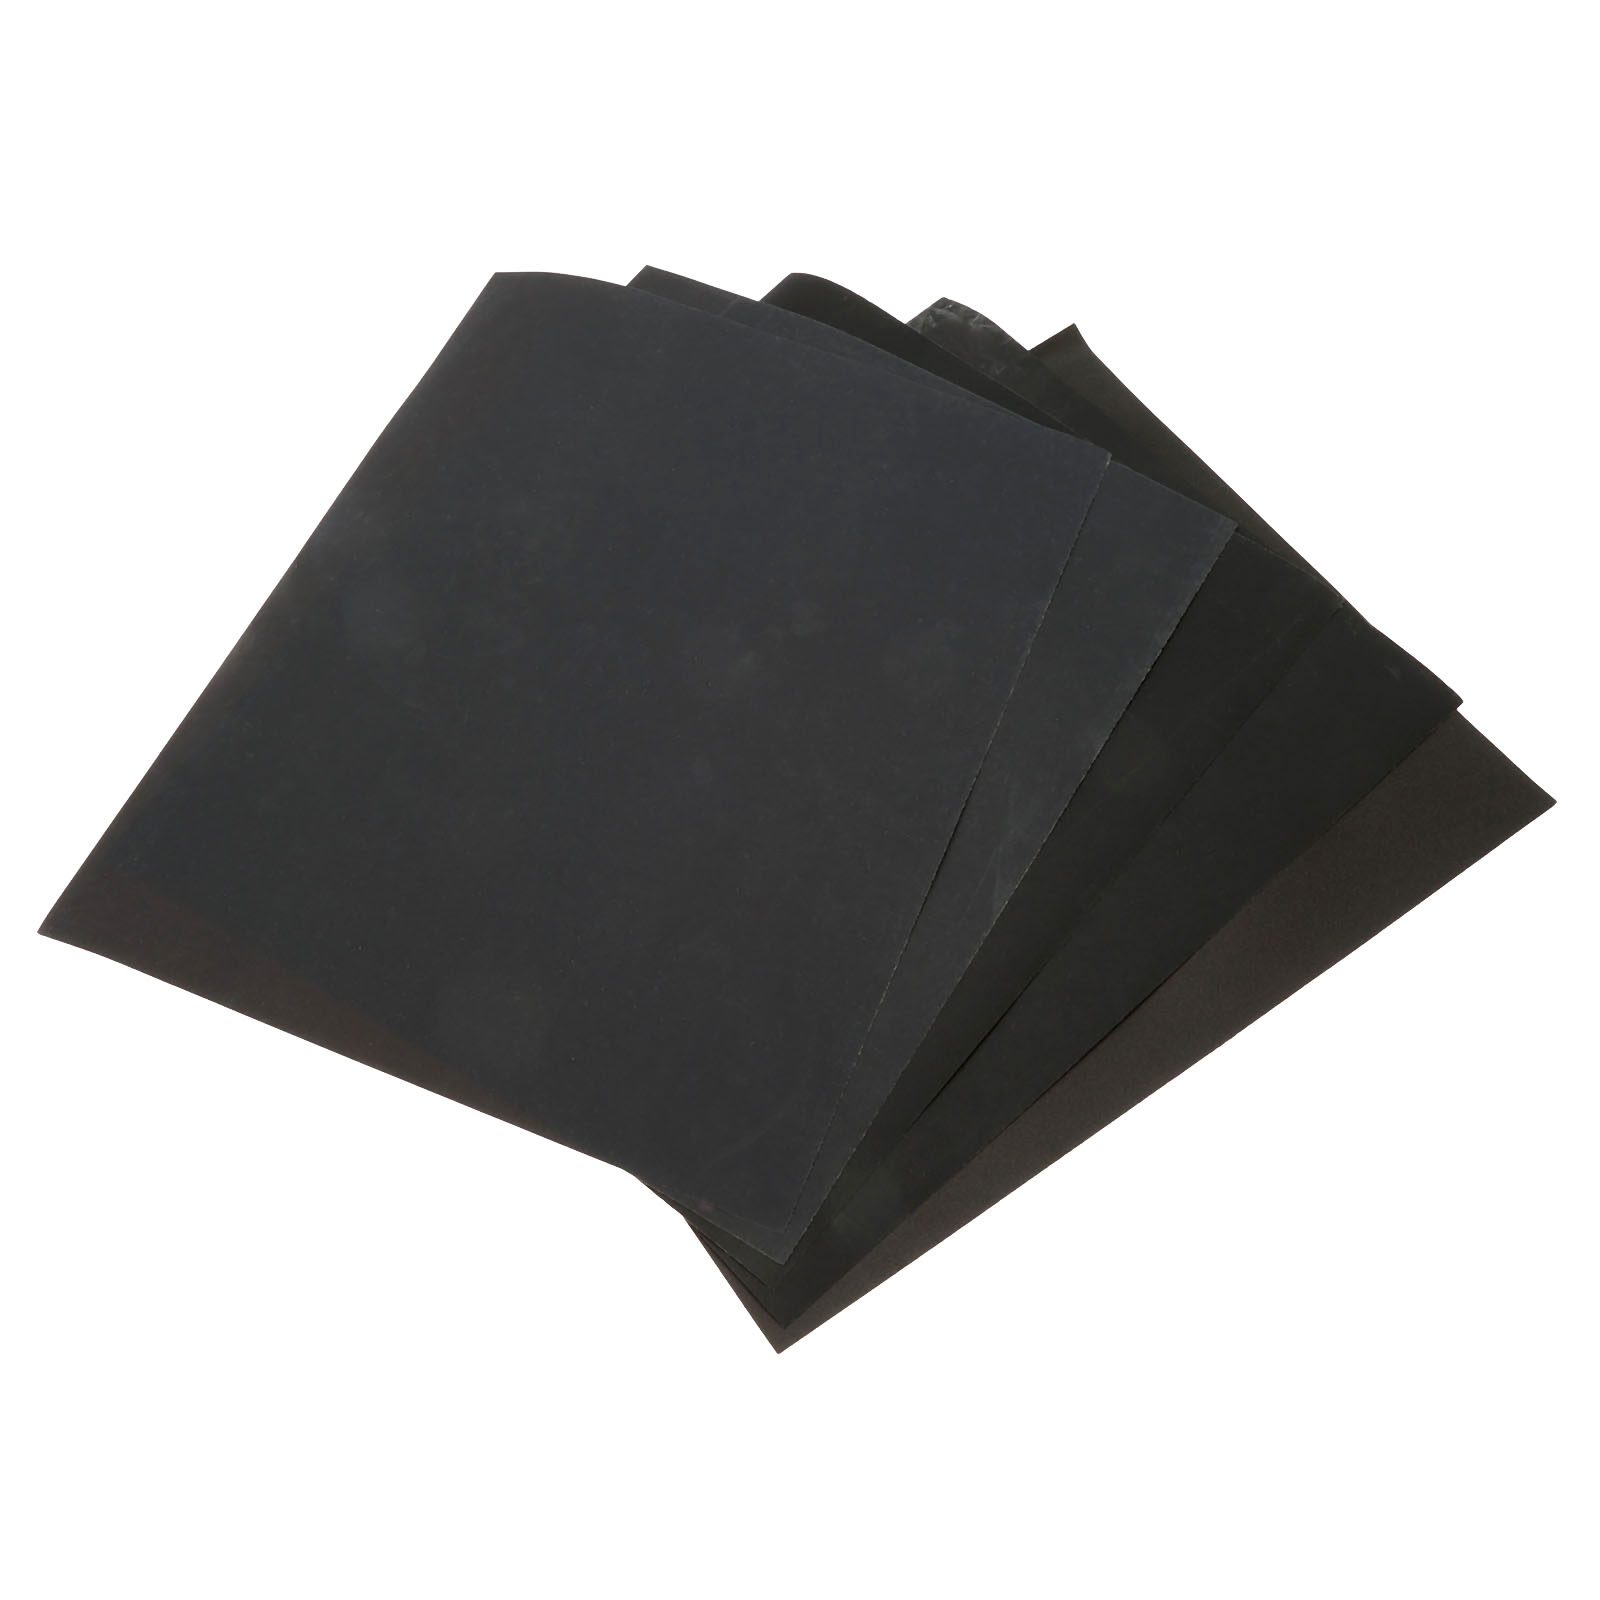 DRELD 5 lakštai iš švitrinio popieriaus neperšlampami abrazyviniu - Abrazyviniai įrankiai - Nuotrauka 6